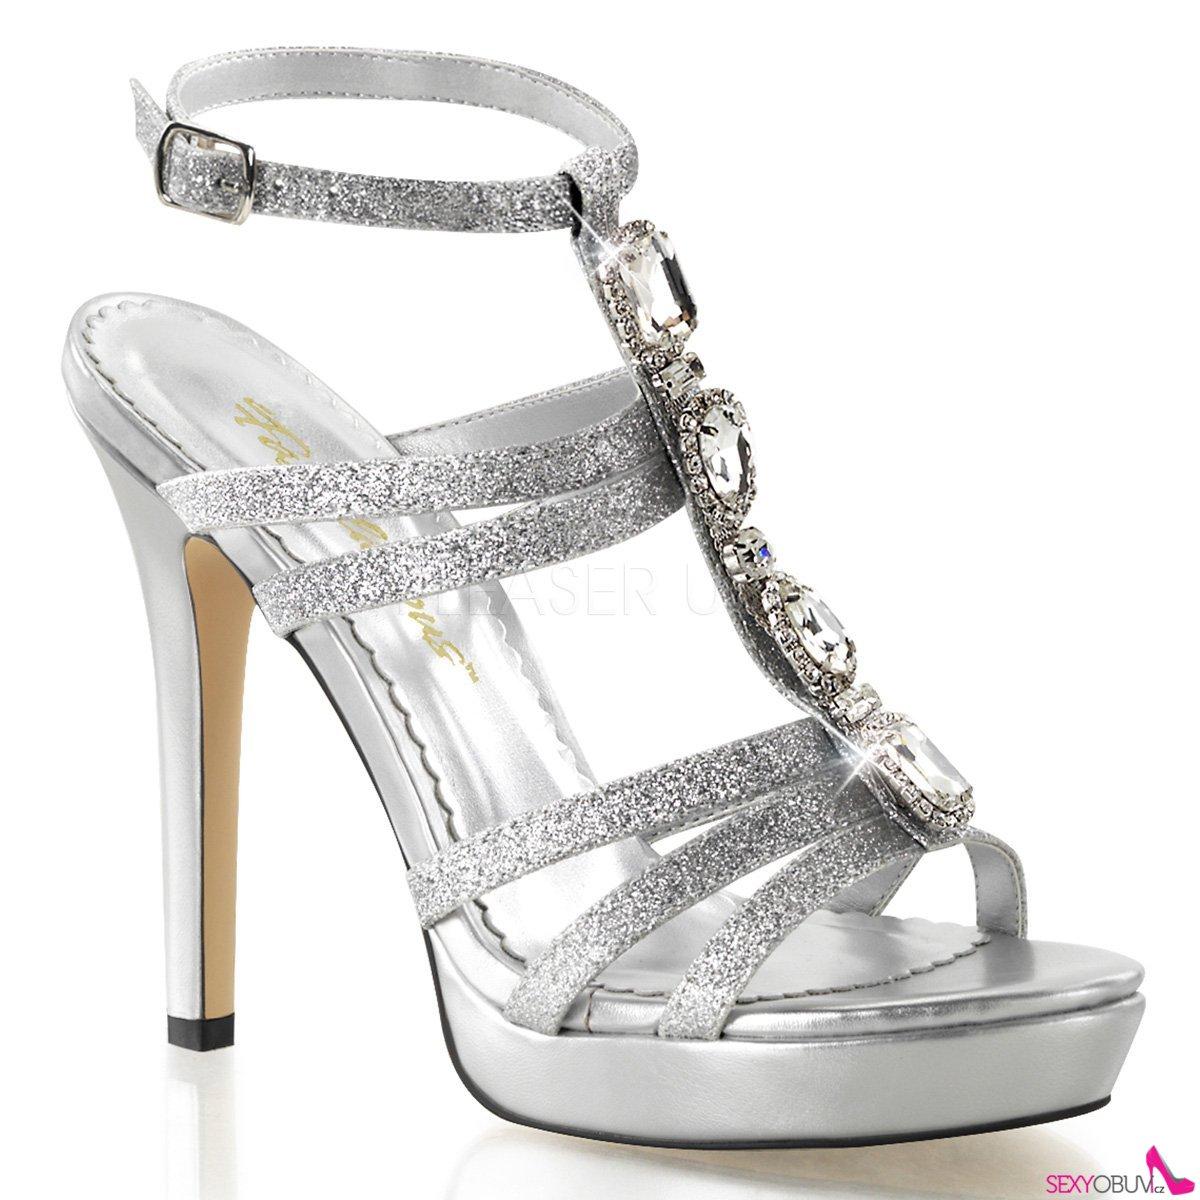 LUMINA-22 Stříbrné páskové dámské luxusní lodičky na podpatku ... 09b60ed414